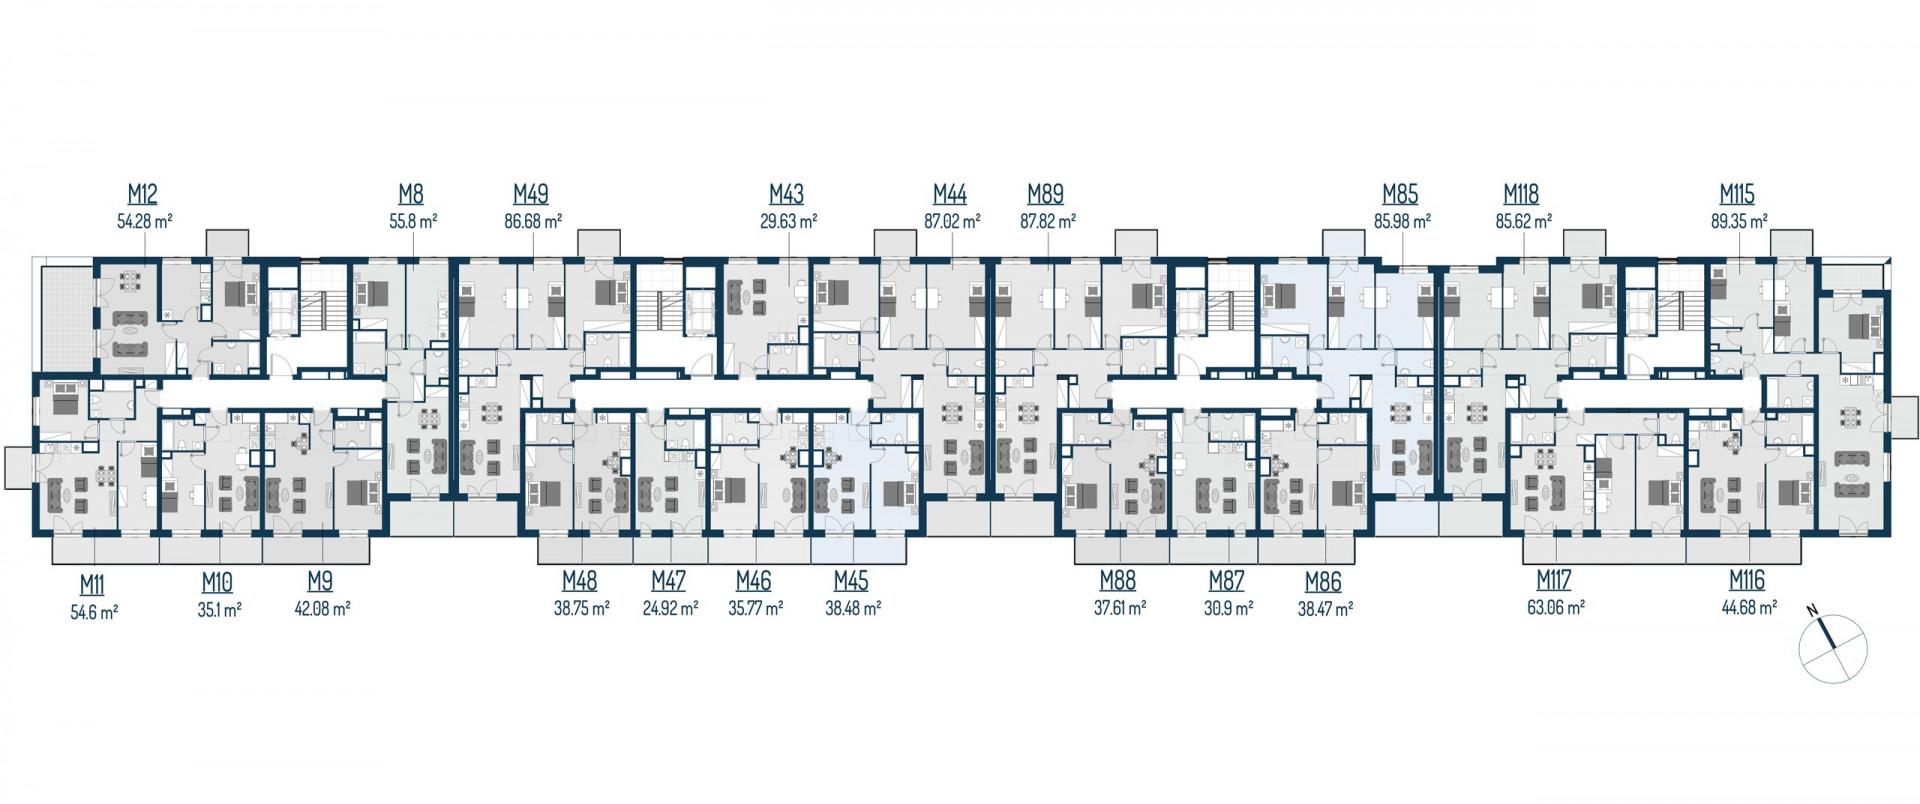 Zdrowe Stylove / budynek 2 / mieszkanie nr 115 rzut 2